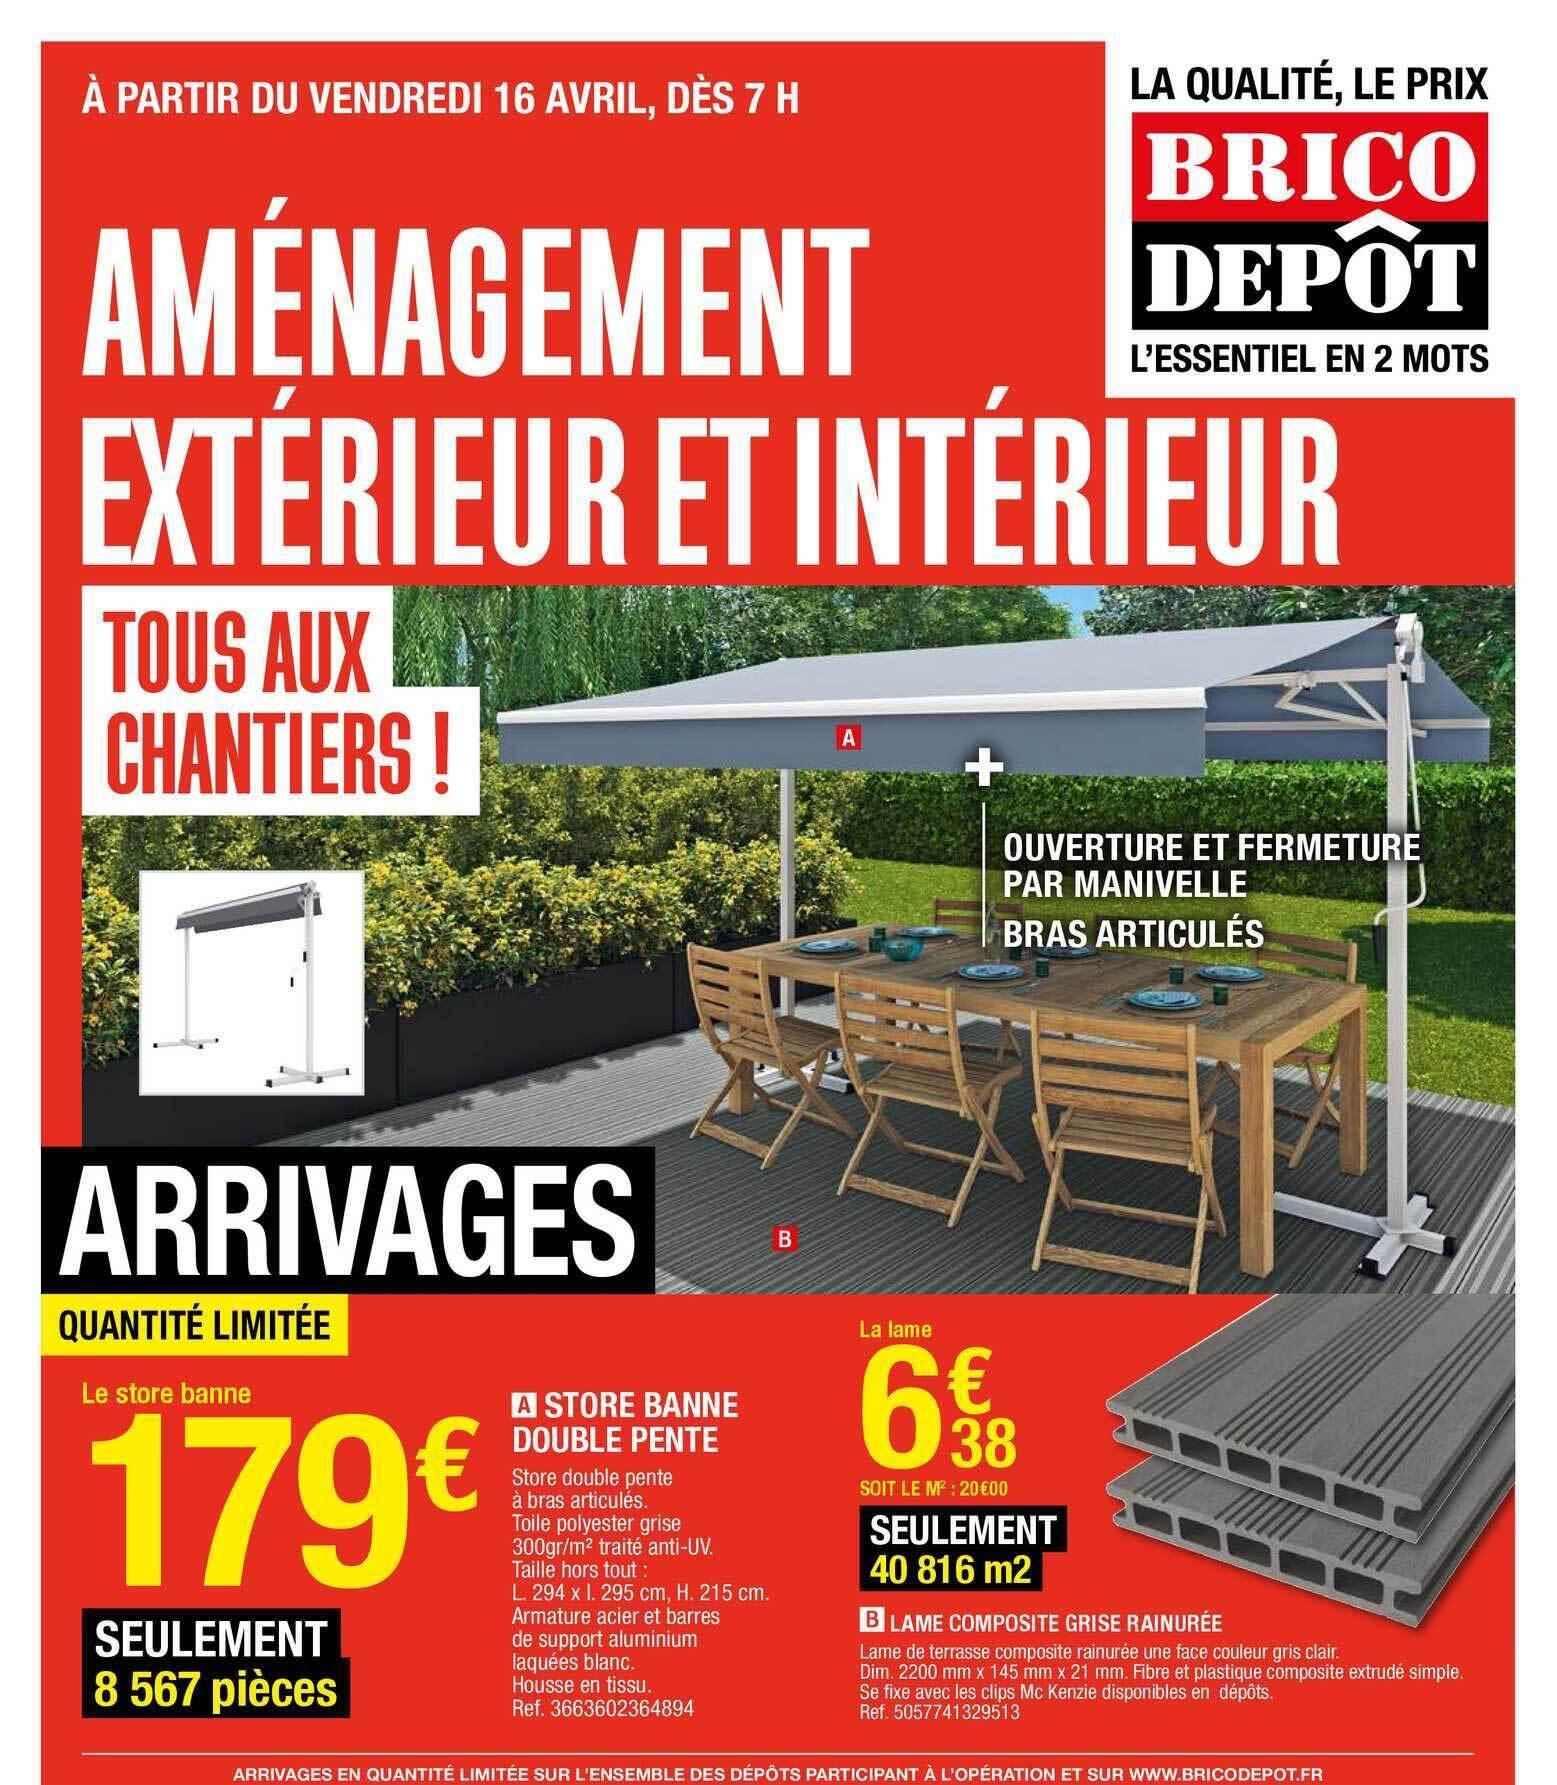 Promo Store Banne Double Pente Lame Composite Grise Rangee Chez Brico Depot